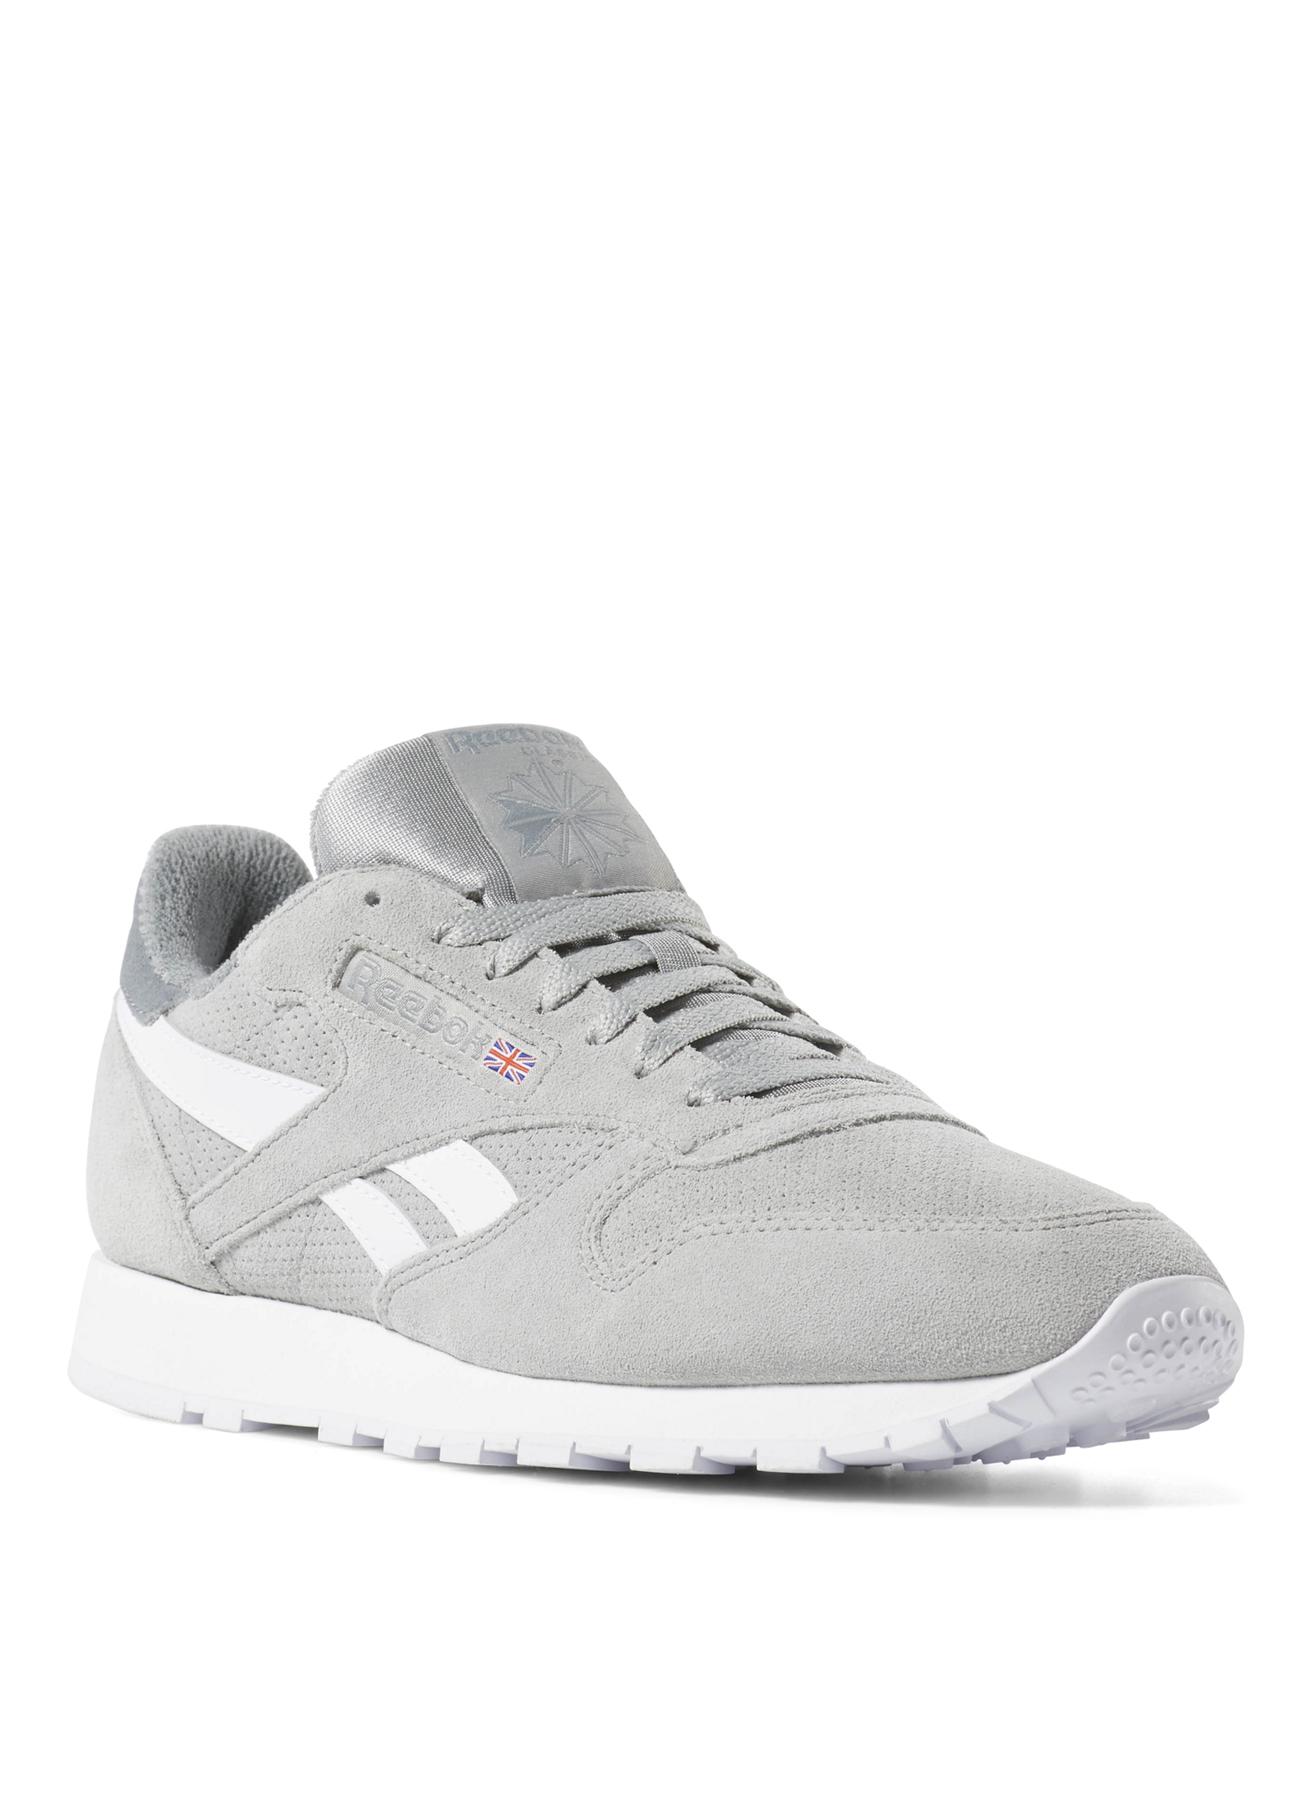 Reebok Lifestyle Ayakkabı 42 5002359616003 Ürün Resmi